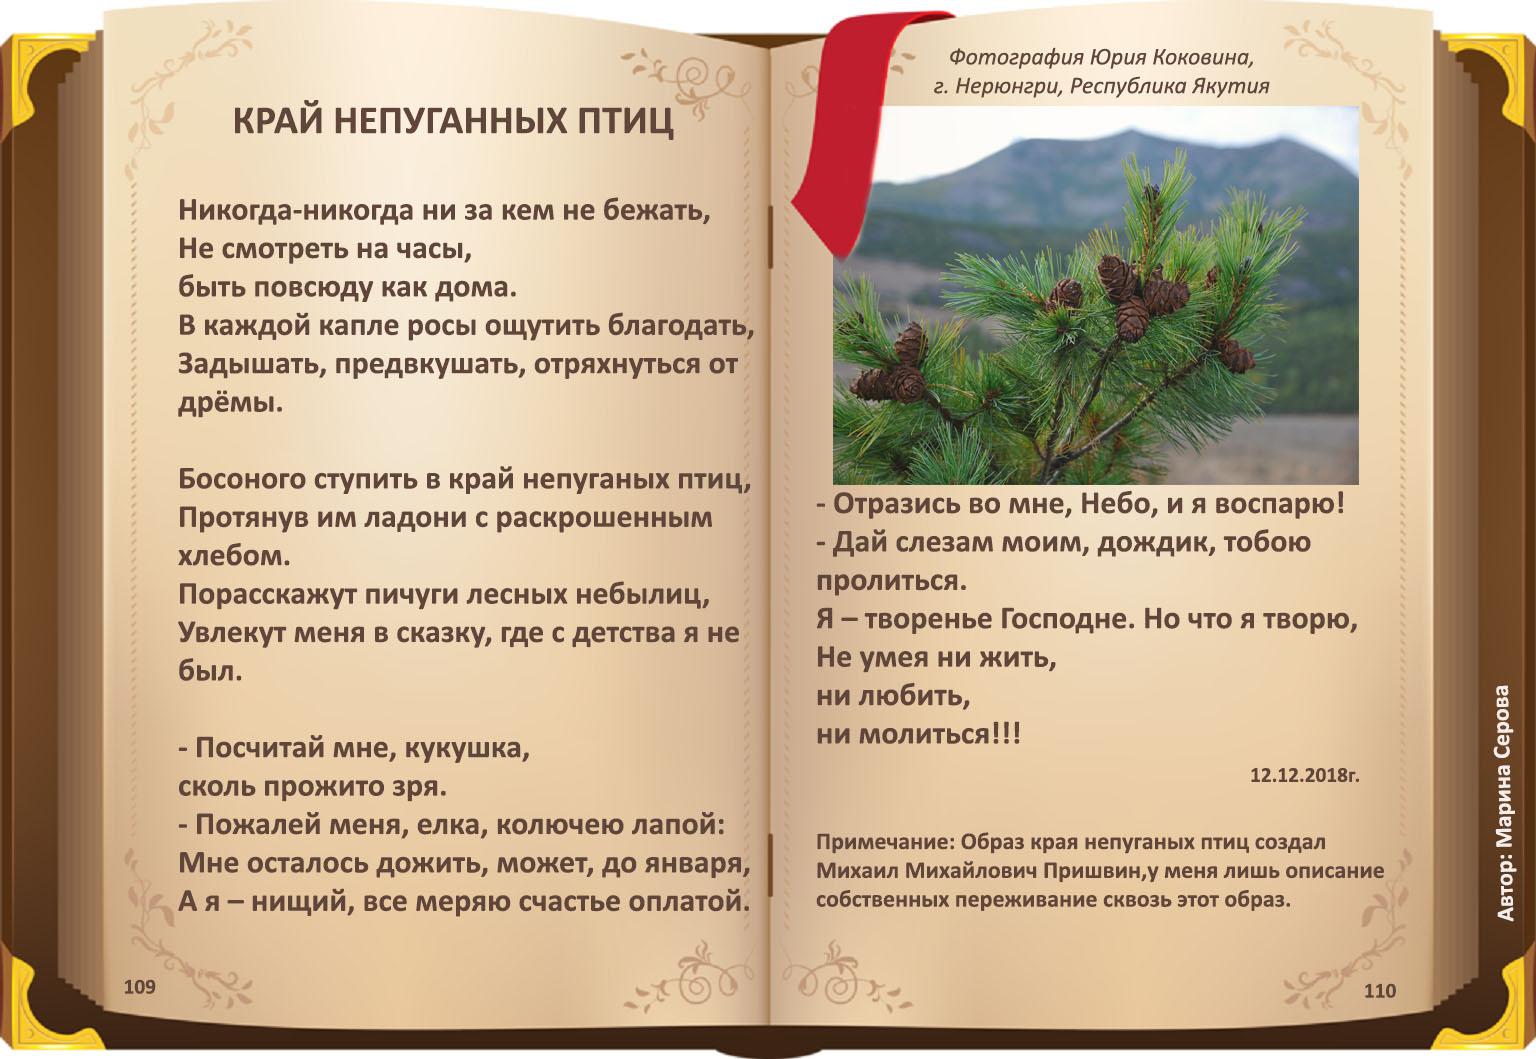 стихи марины серовой, стихи о смысле жизни